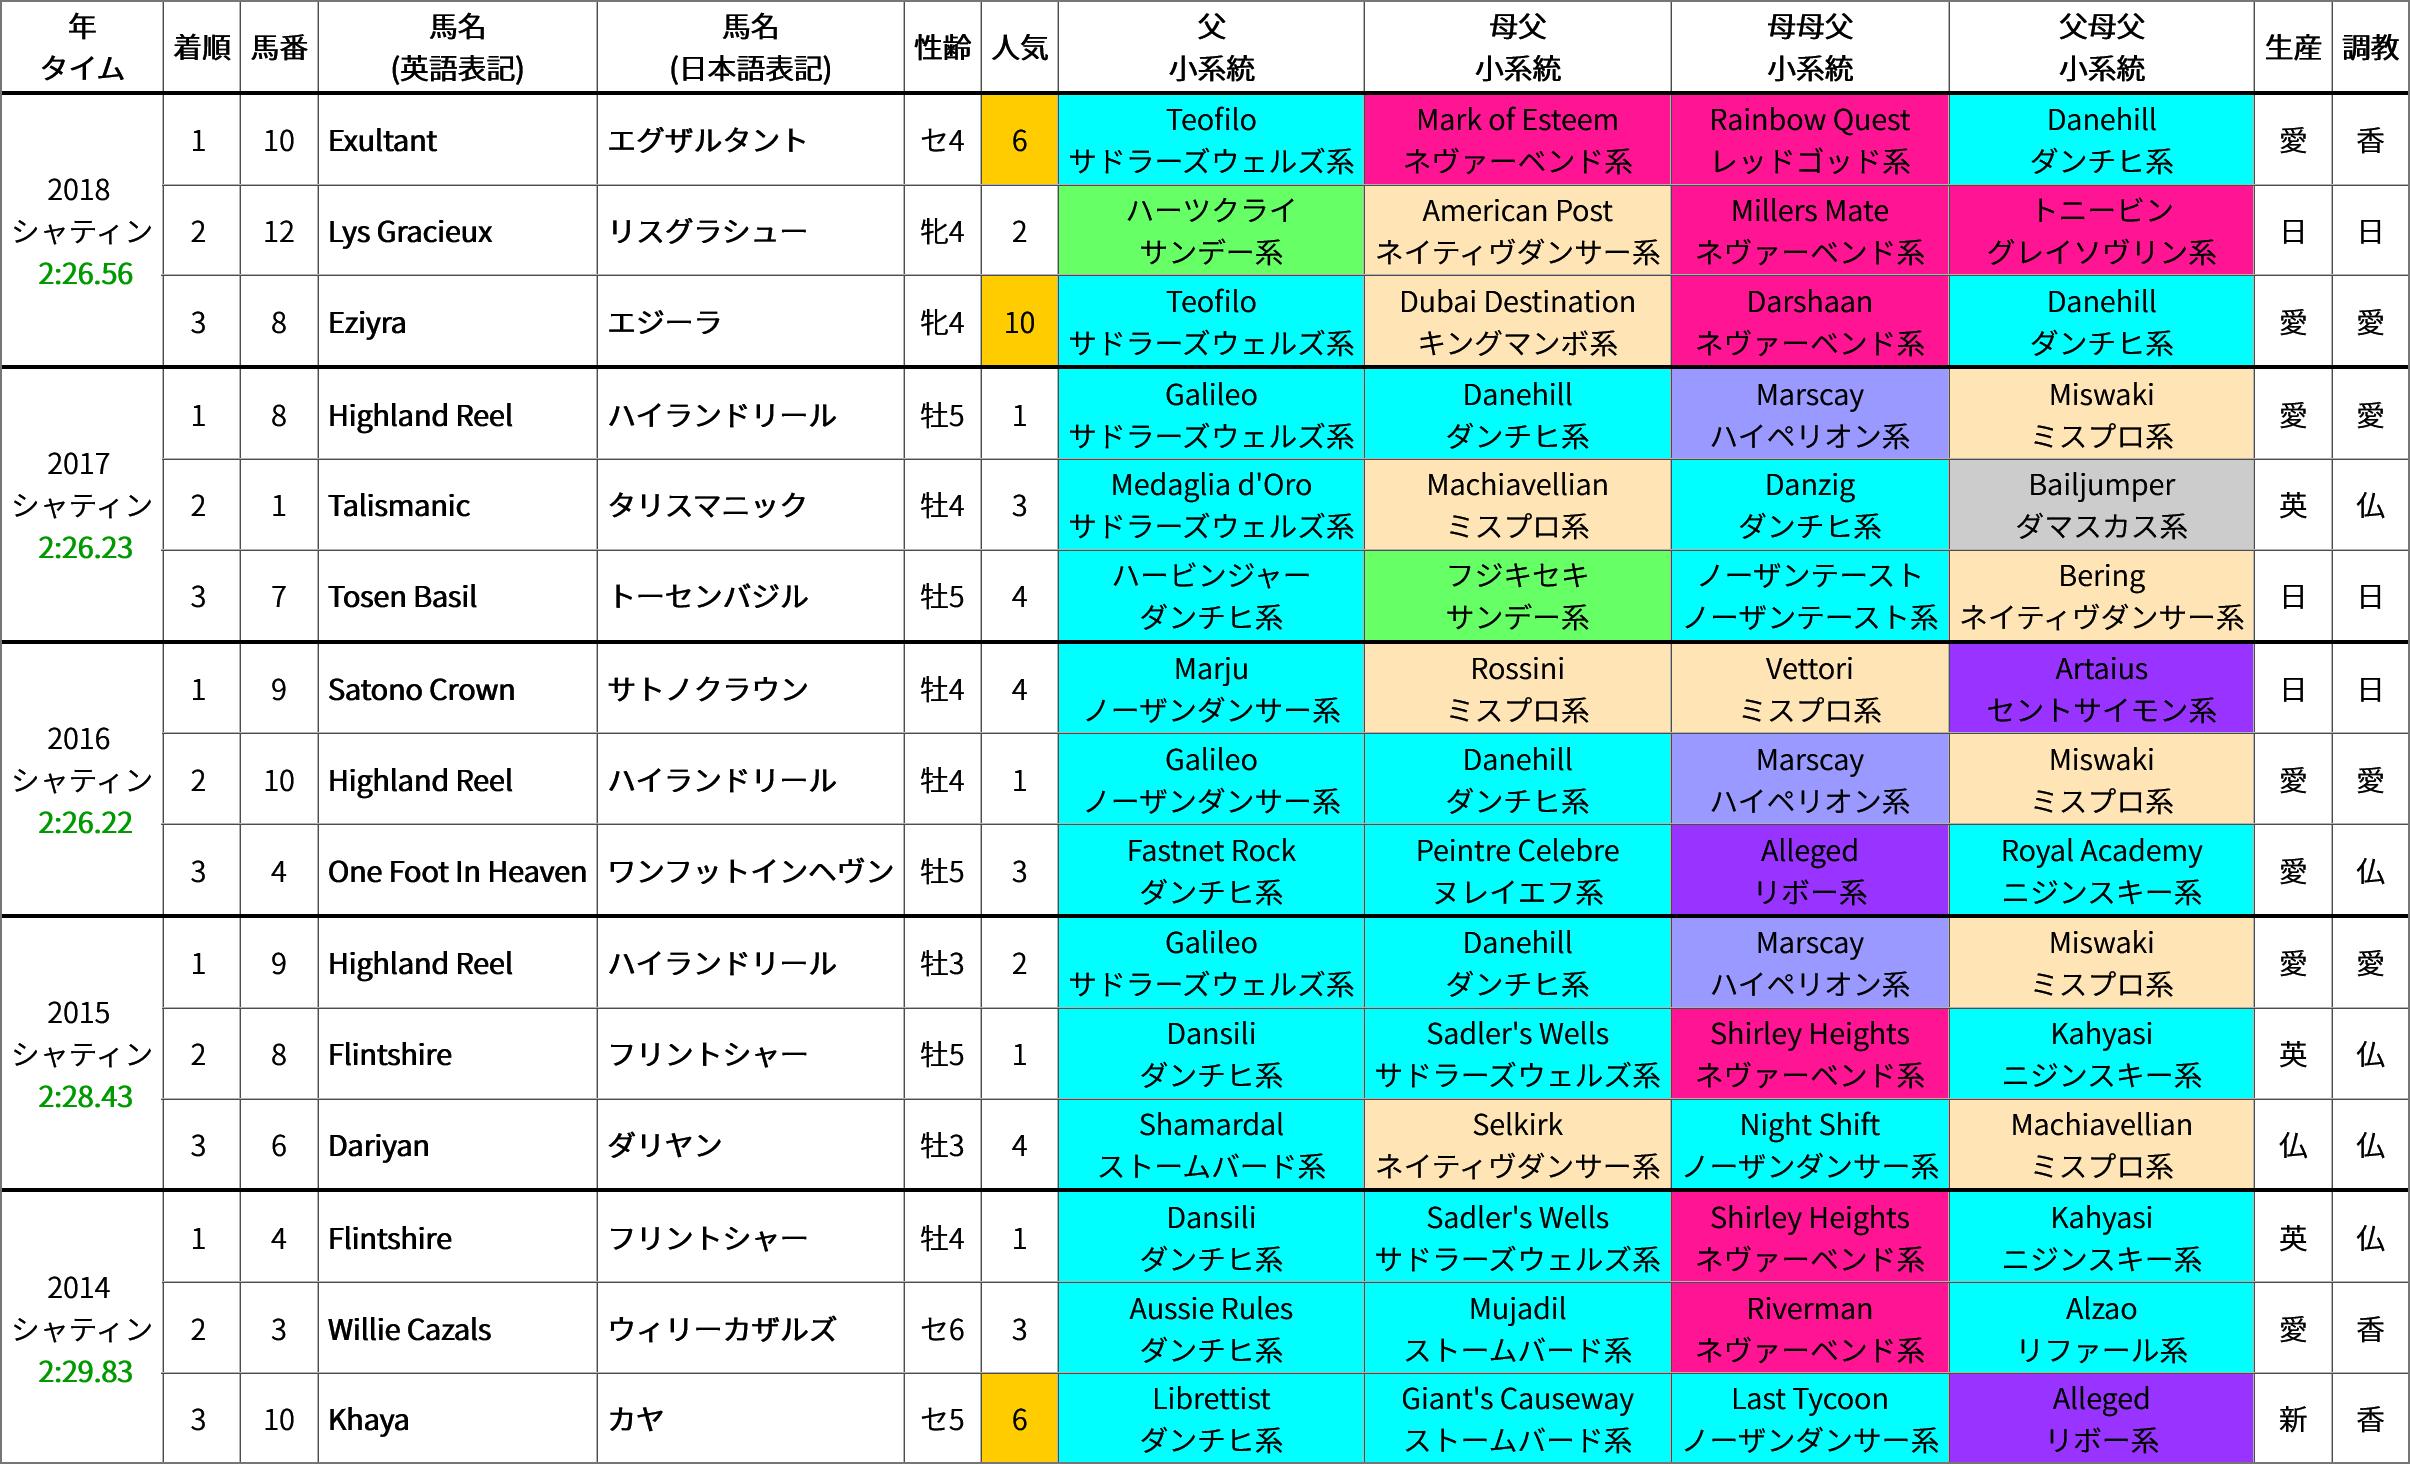 香港ヴァーズ(芝2400m) 過去5年の成績&好走馬の血統傾向